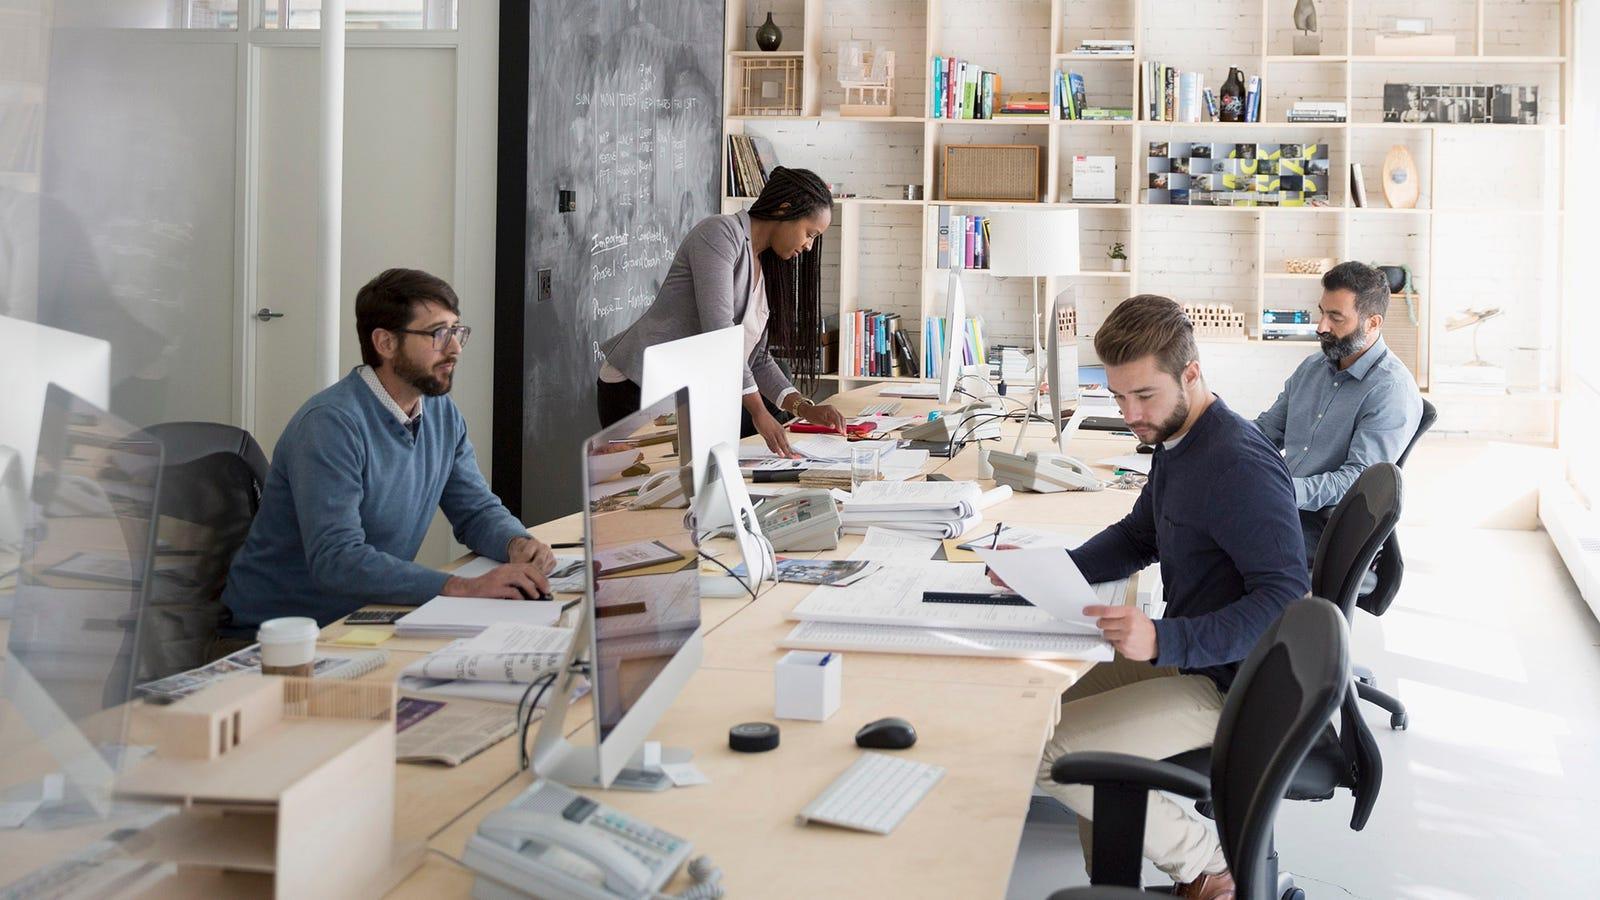 Die Arbeit In Der Allgemeinen Umgebung Für 8 Stunden Pro Tag Falsch Interpretiert, Als Freundschaft